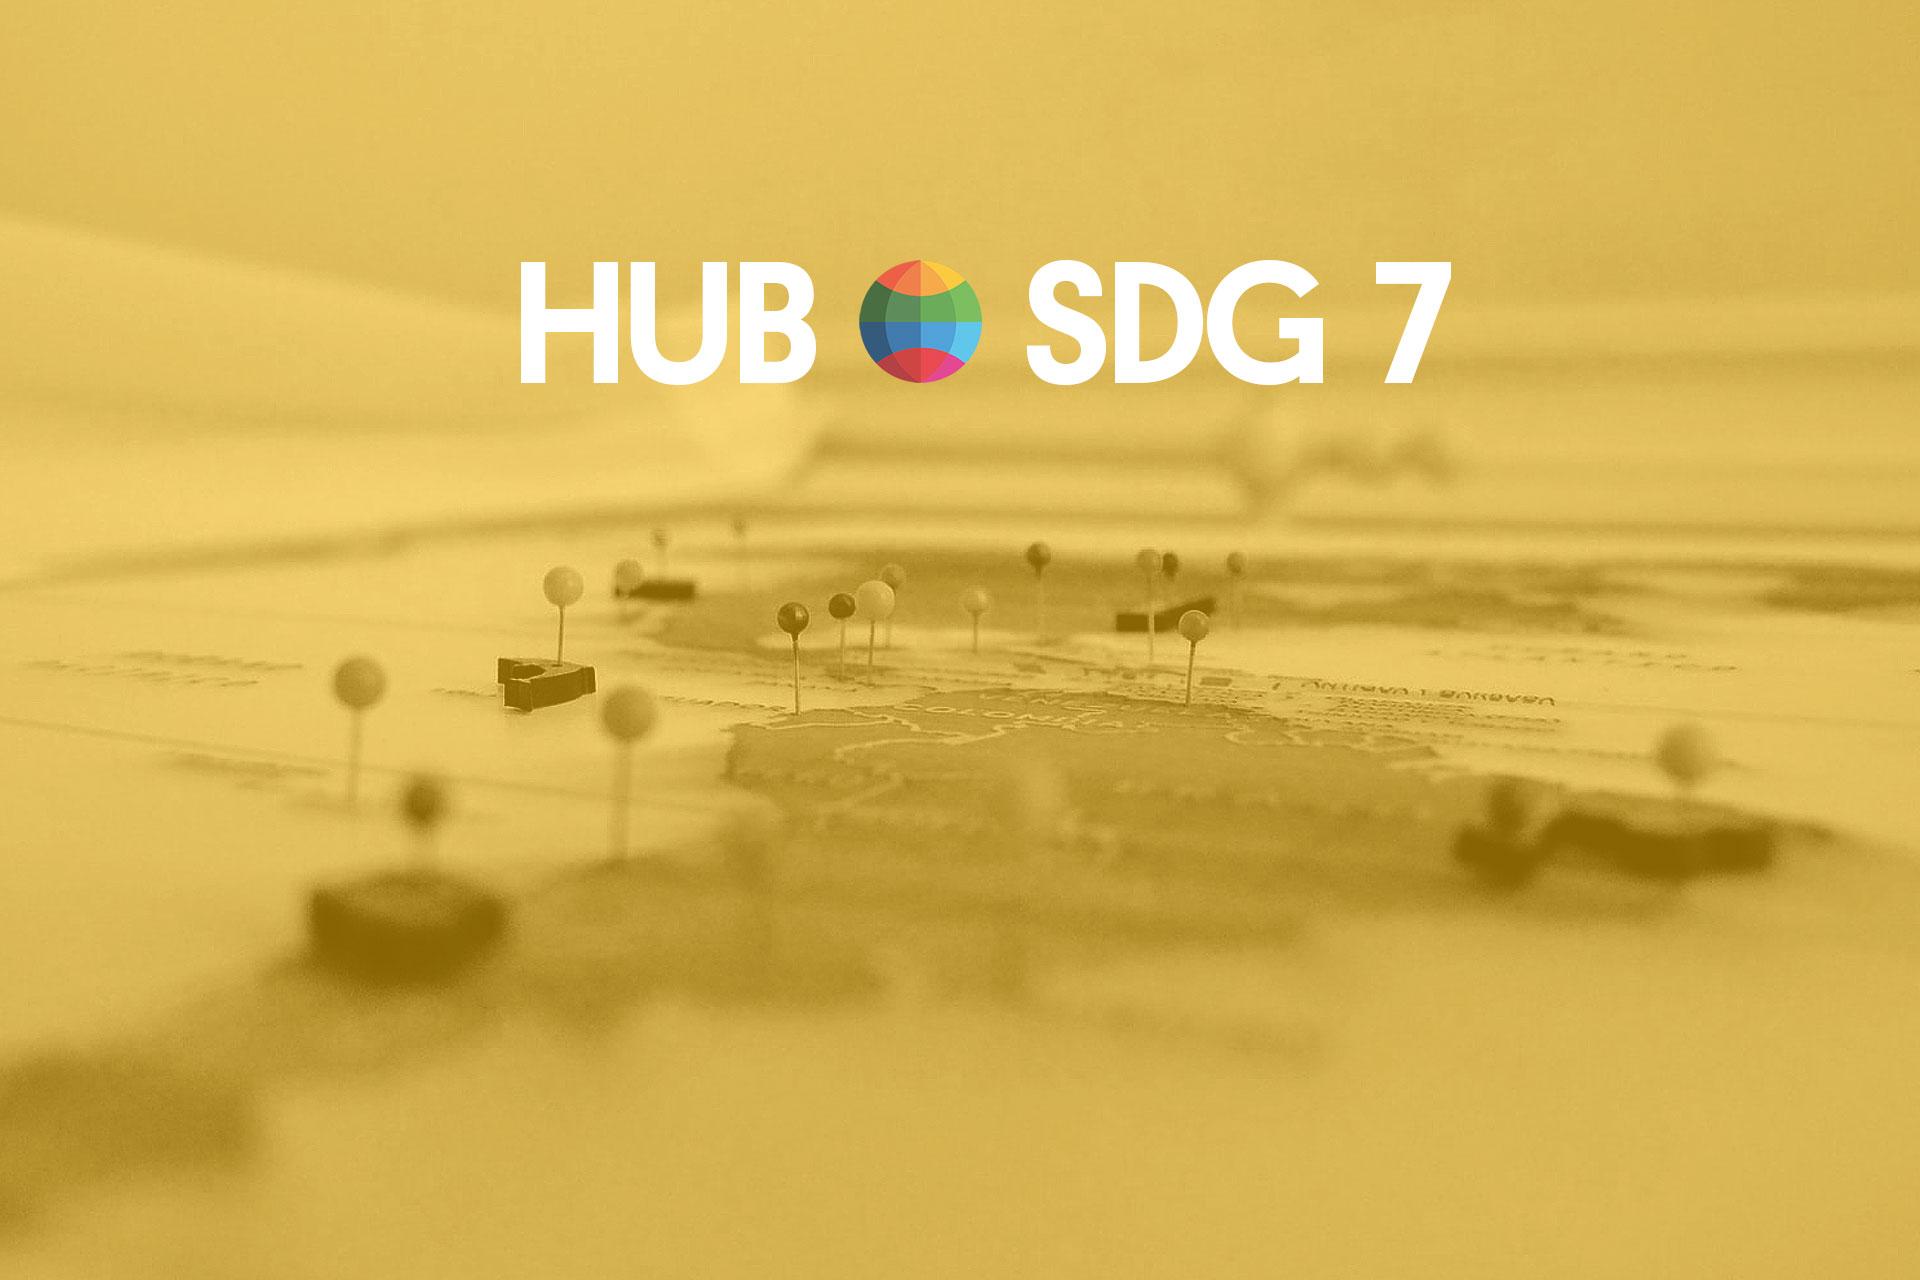 OE4BW Hub SDG 7